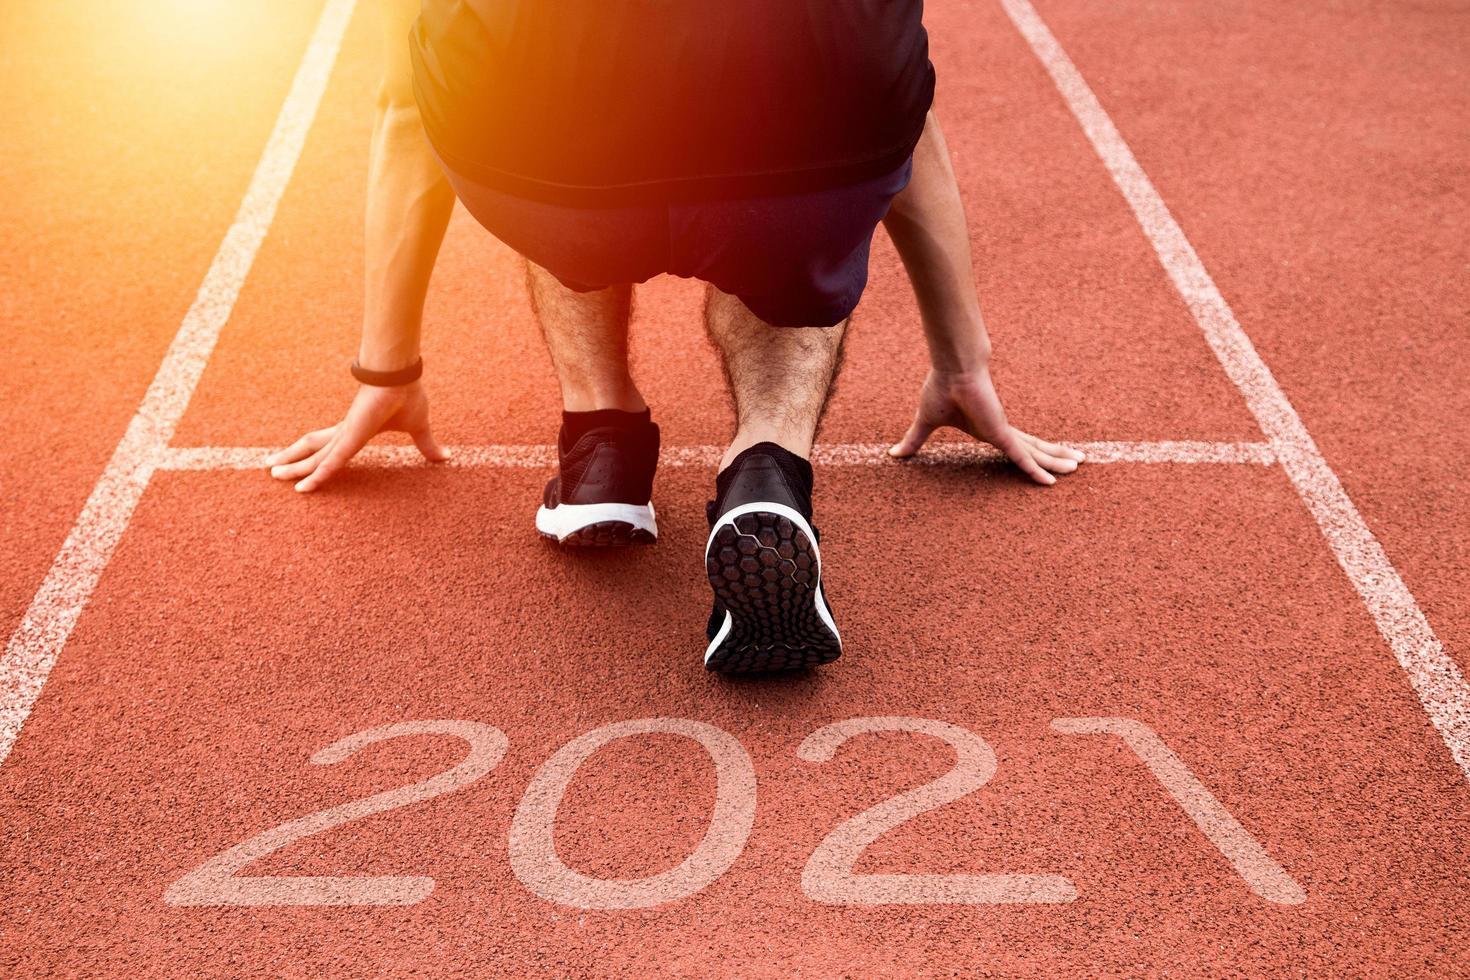 nuovo anno o iniziare il concetto dritto. primo piano di un corridore atleta che corre verso il successo e nuovi risultati sul percorso con iscrizione 2021 foto